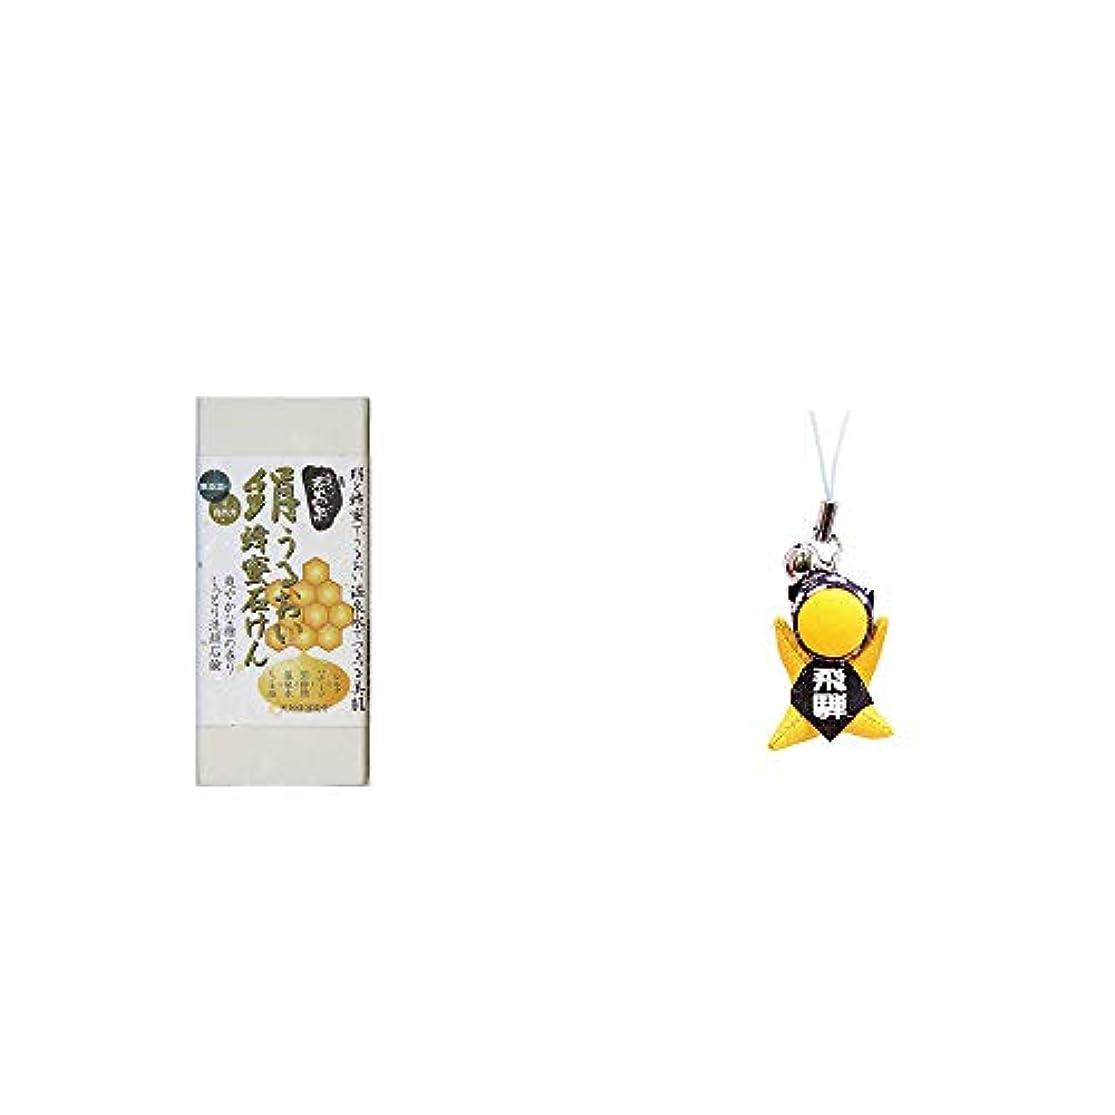 ゴール精神医学ホール[2点セット] ひのき炭黒泉 絹うるおい蜂蜜石けん(75g×2)?さるぼぼ幸福ストラップ 【緑】 / 風水カラー全9種類 健康 お守り//